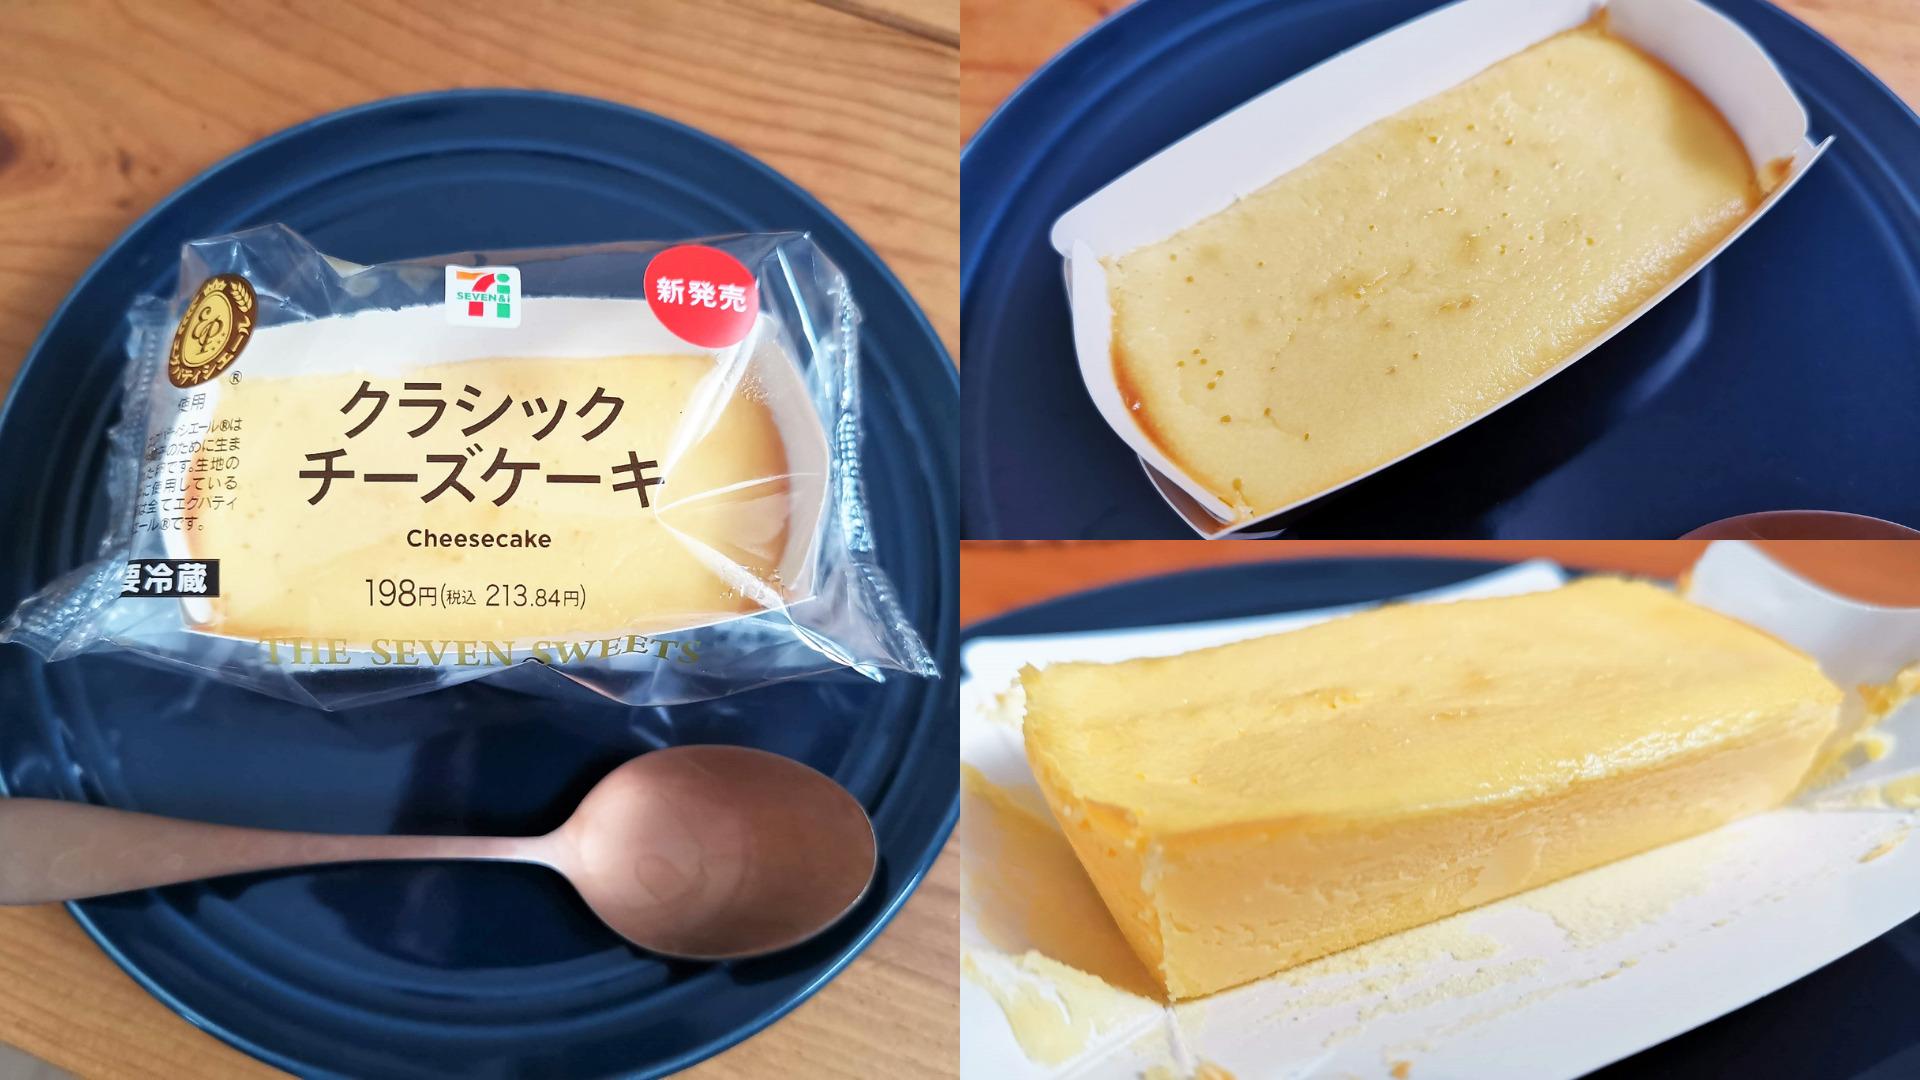 セブンイレブン(デリカシェフ)のクラシックチーズケーキ (1)